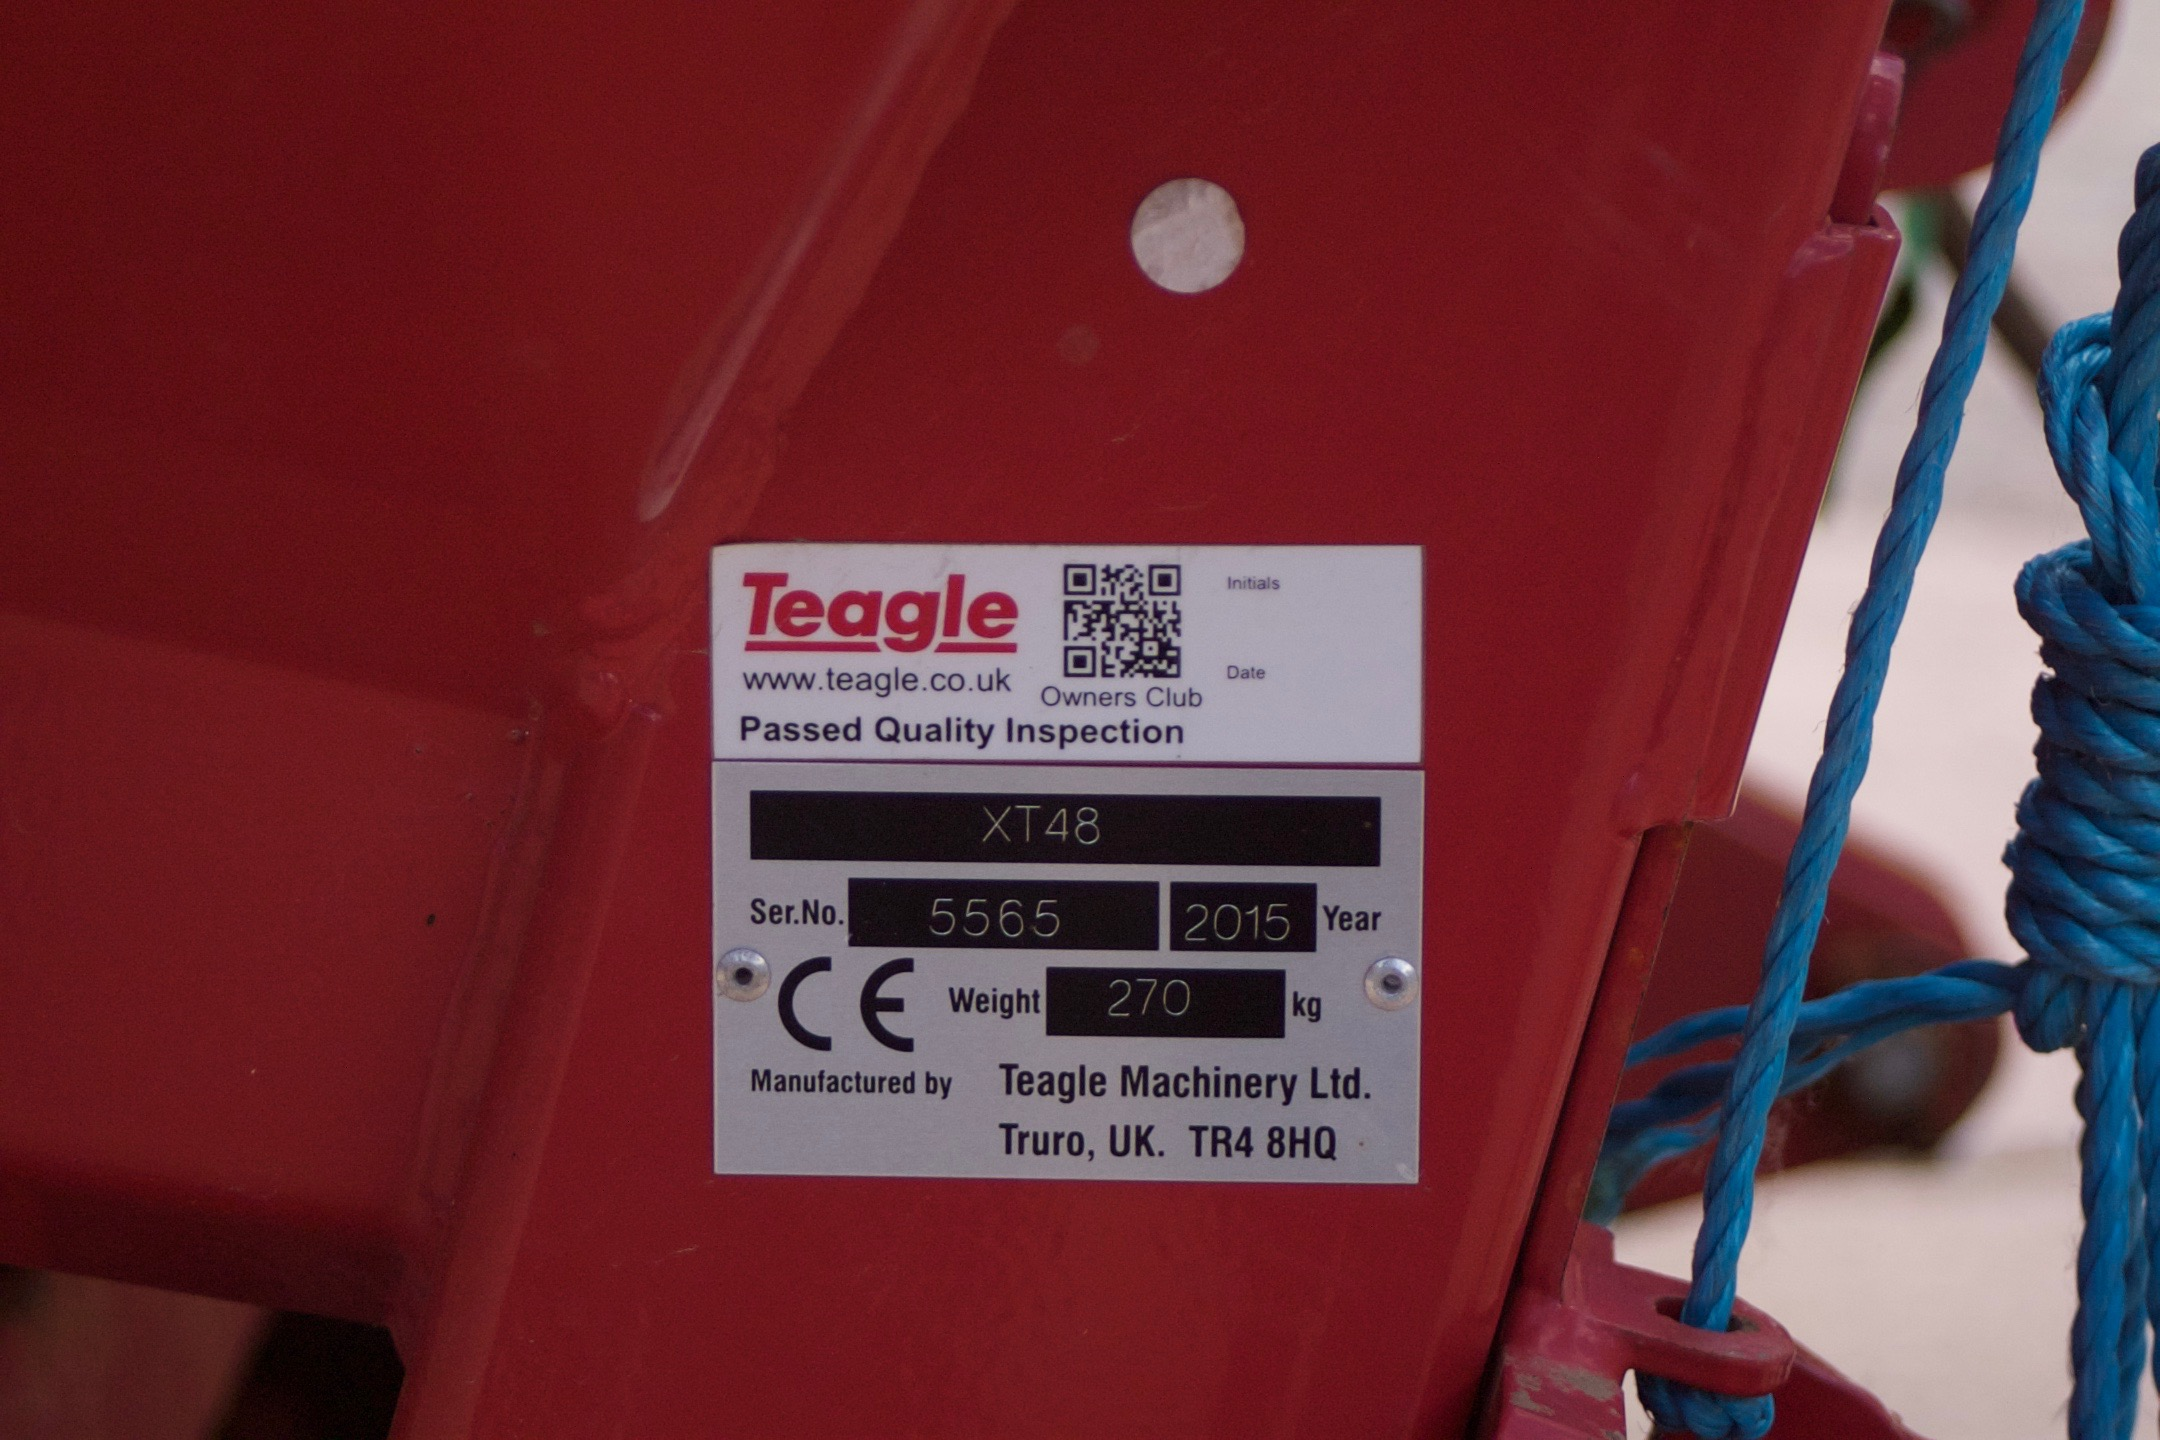 For Sale Teagle XT48 Fertiliser Spreader – Used